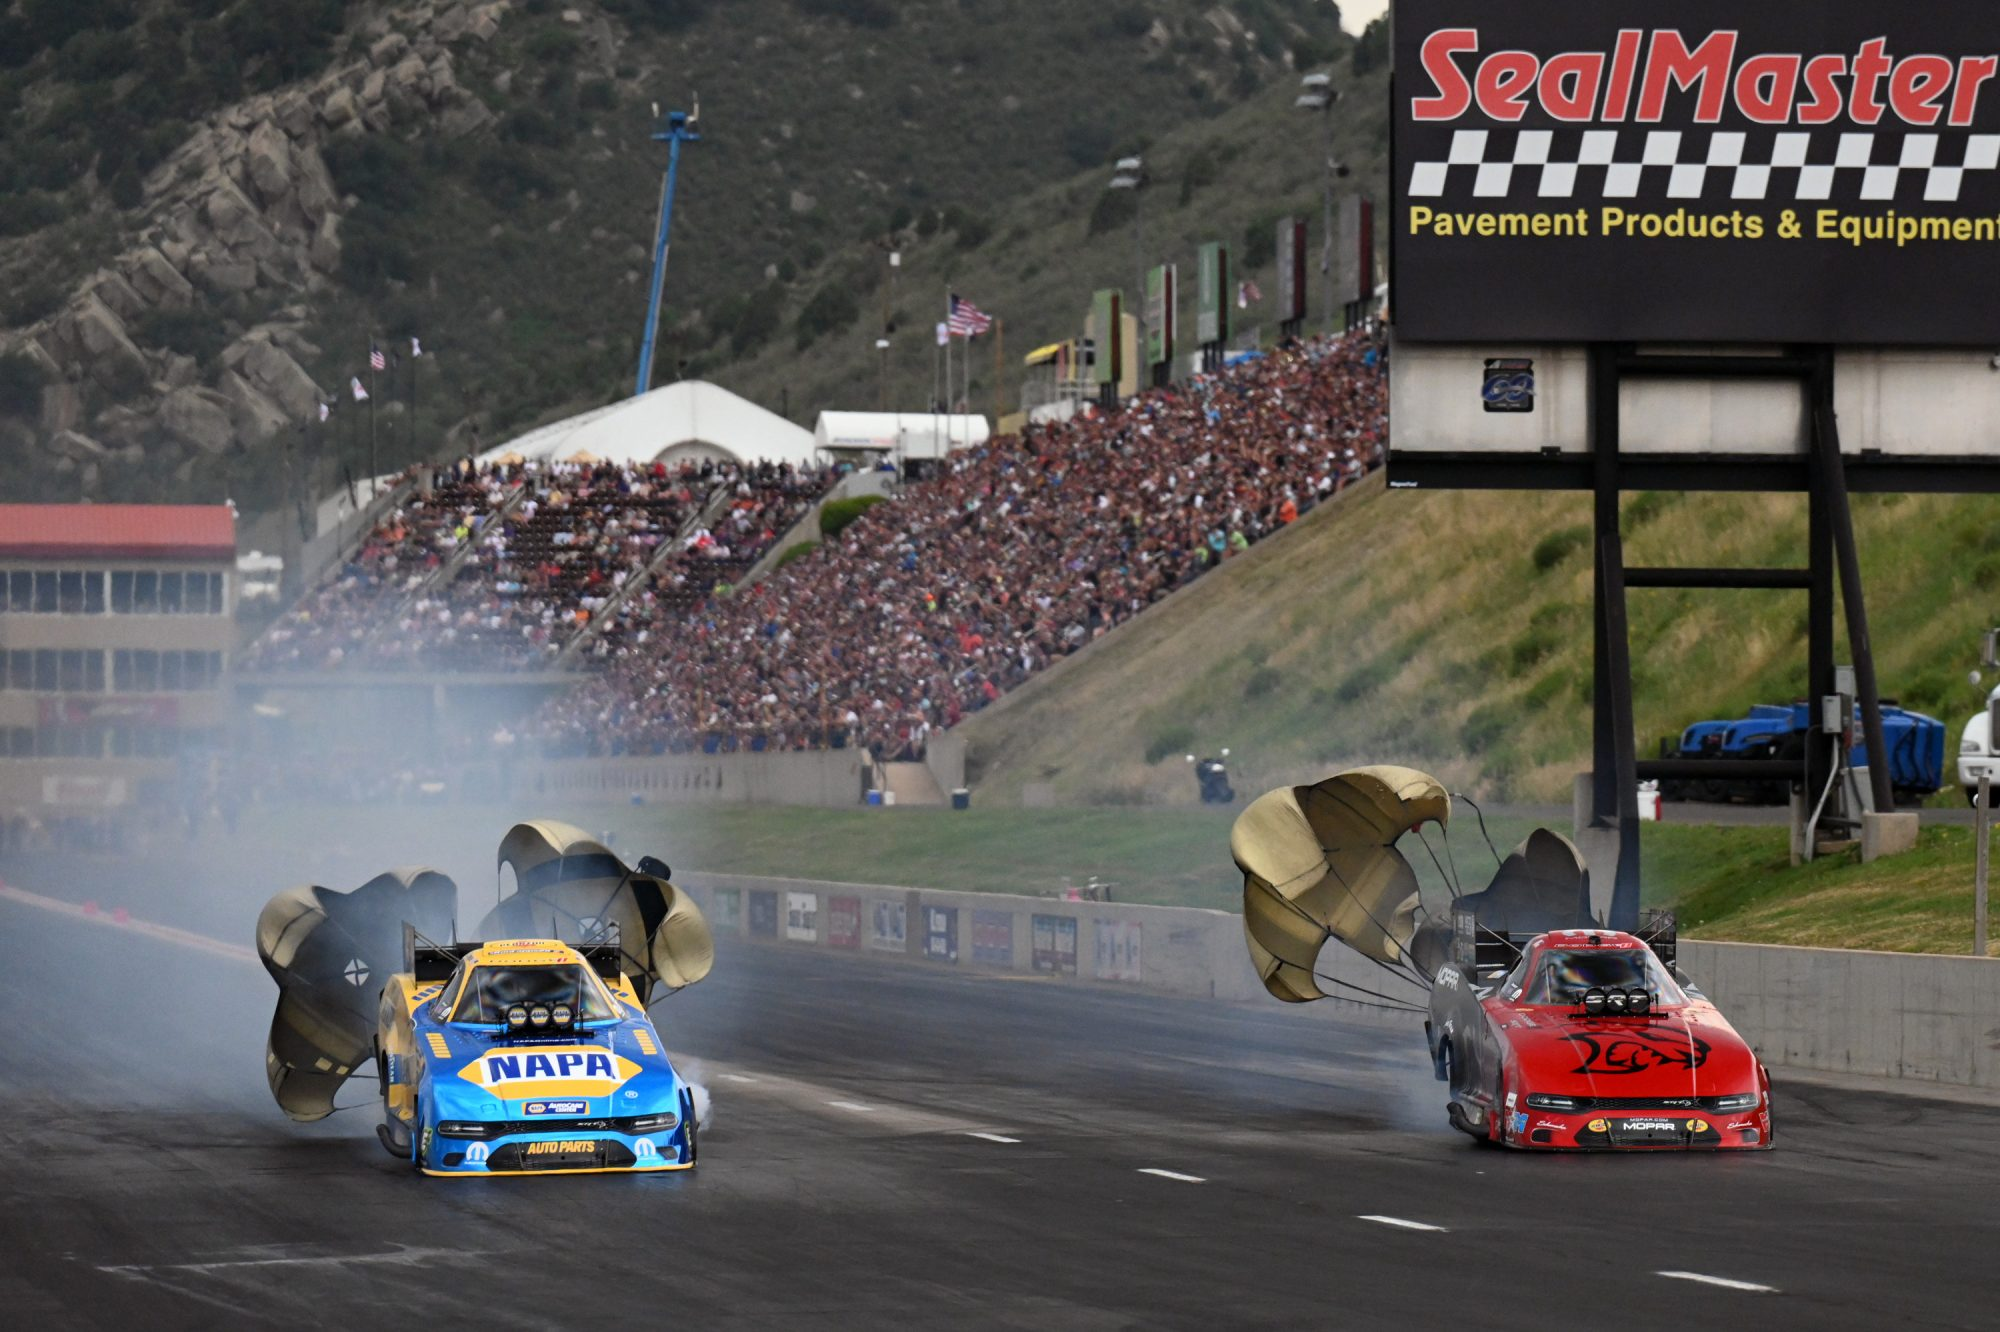 Matt Hagan & Ron Capps drag racing